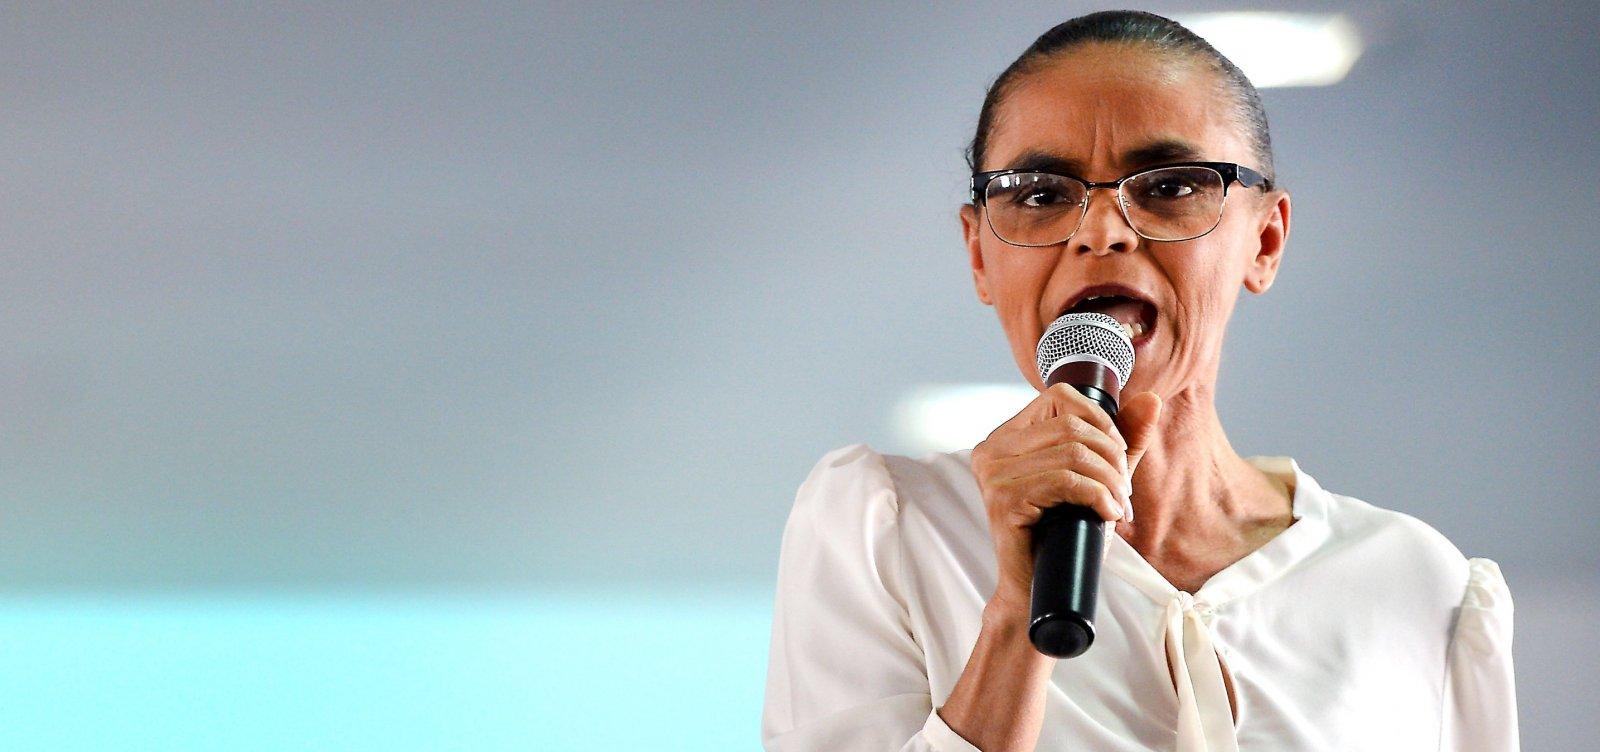 [Marina critica postura de Bolsonaro e diz que governo é 'principal vetor da crise']